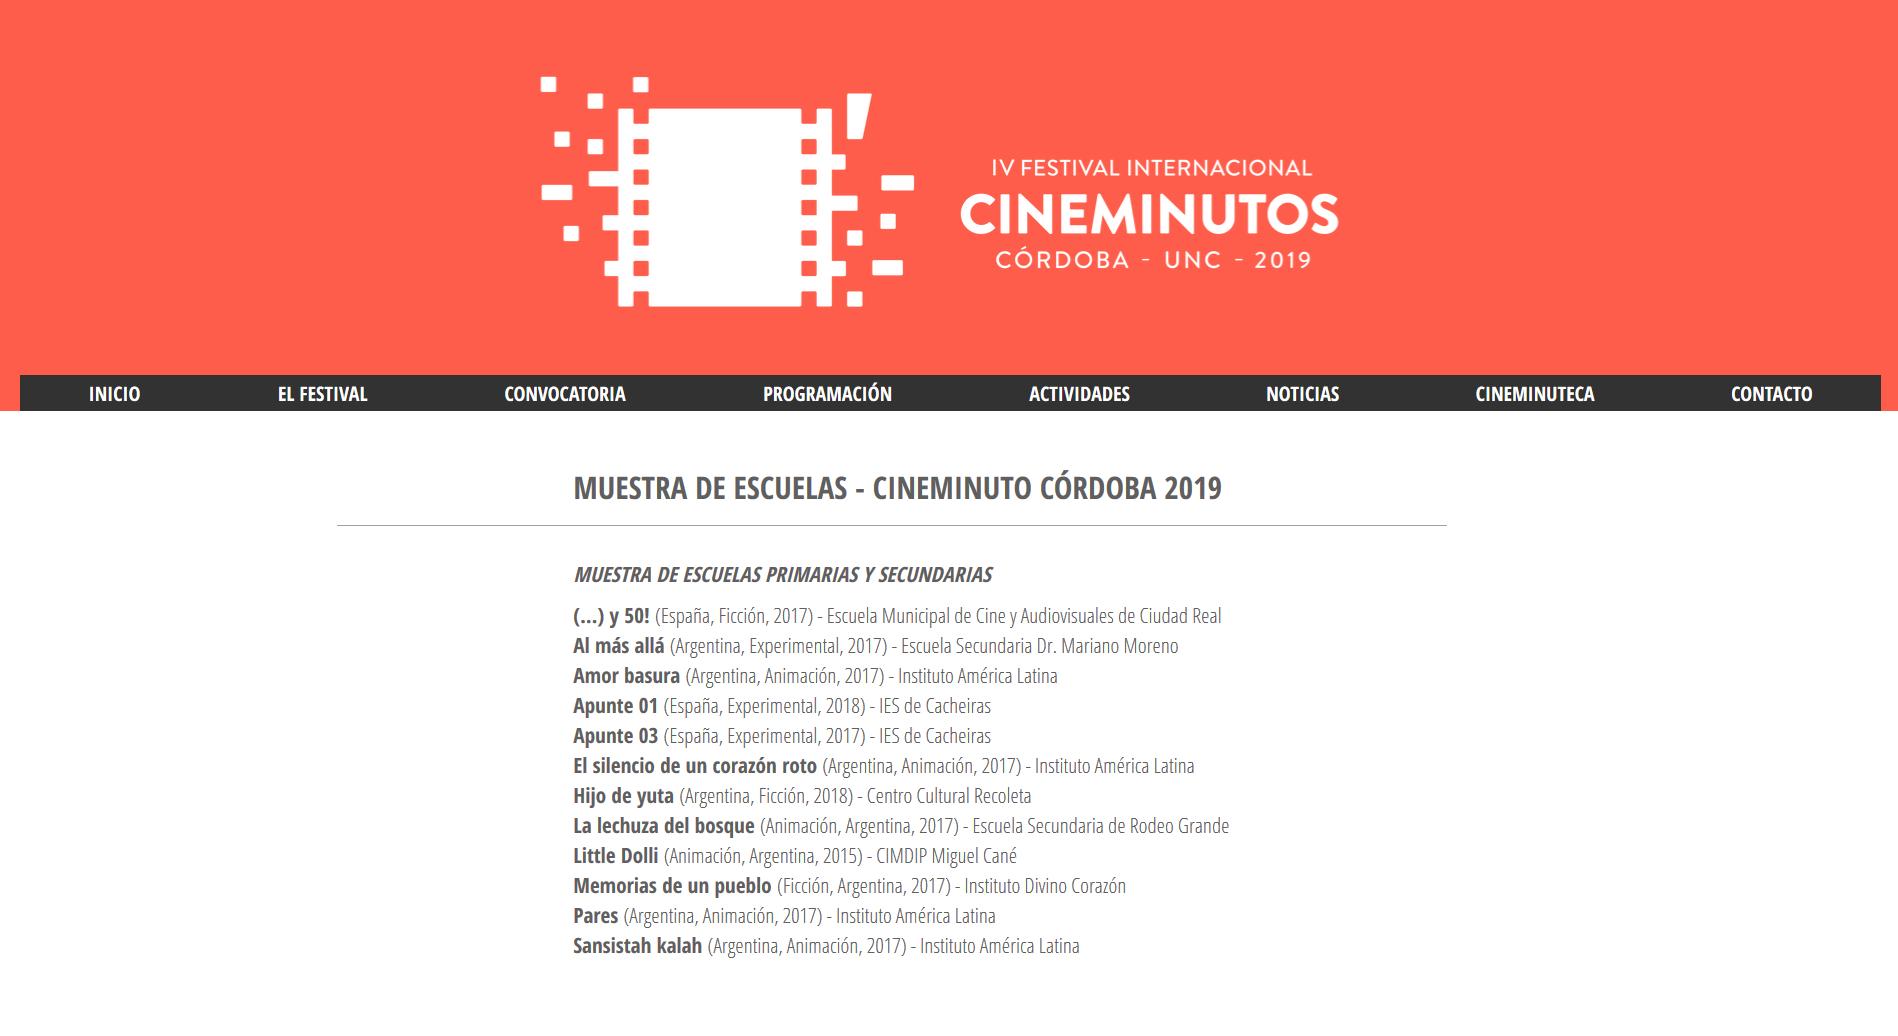 IV Festival Internacional de Cineminutos de Córdoba